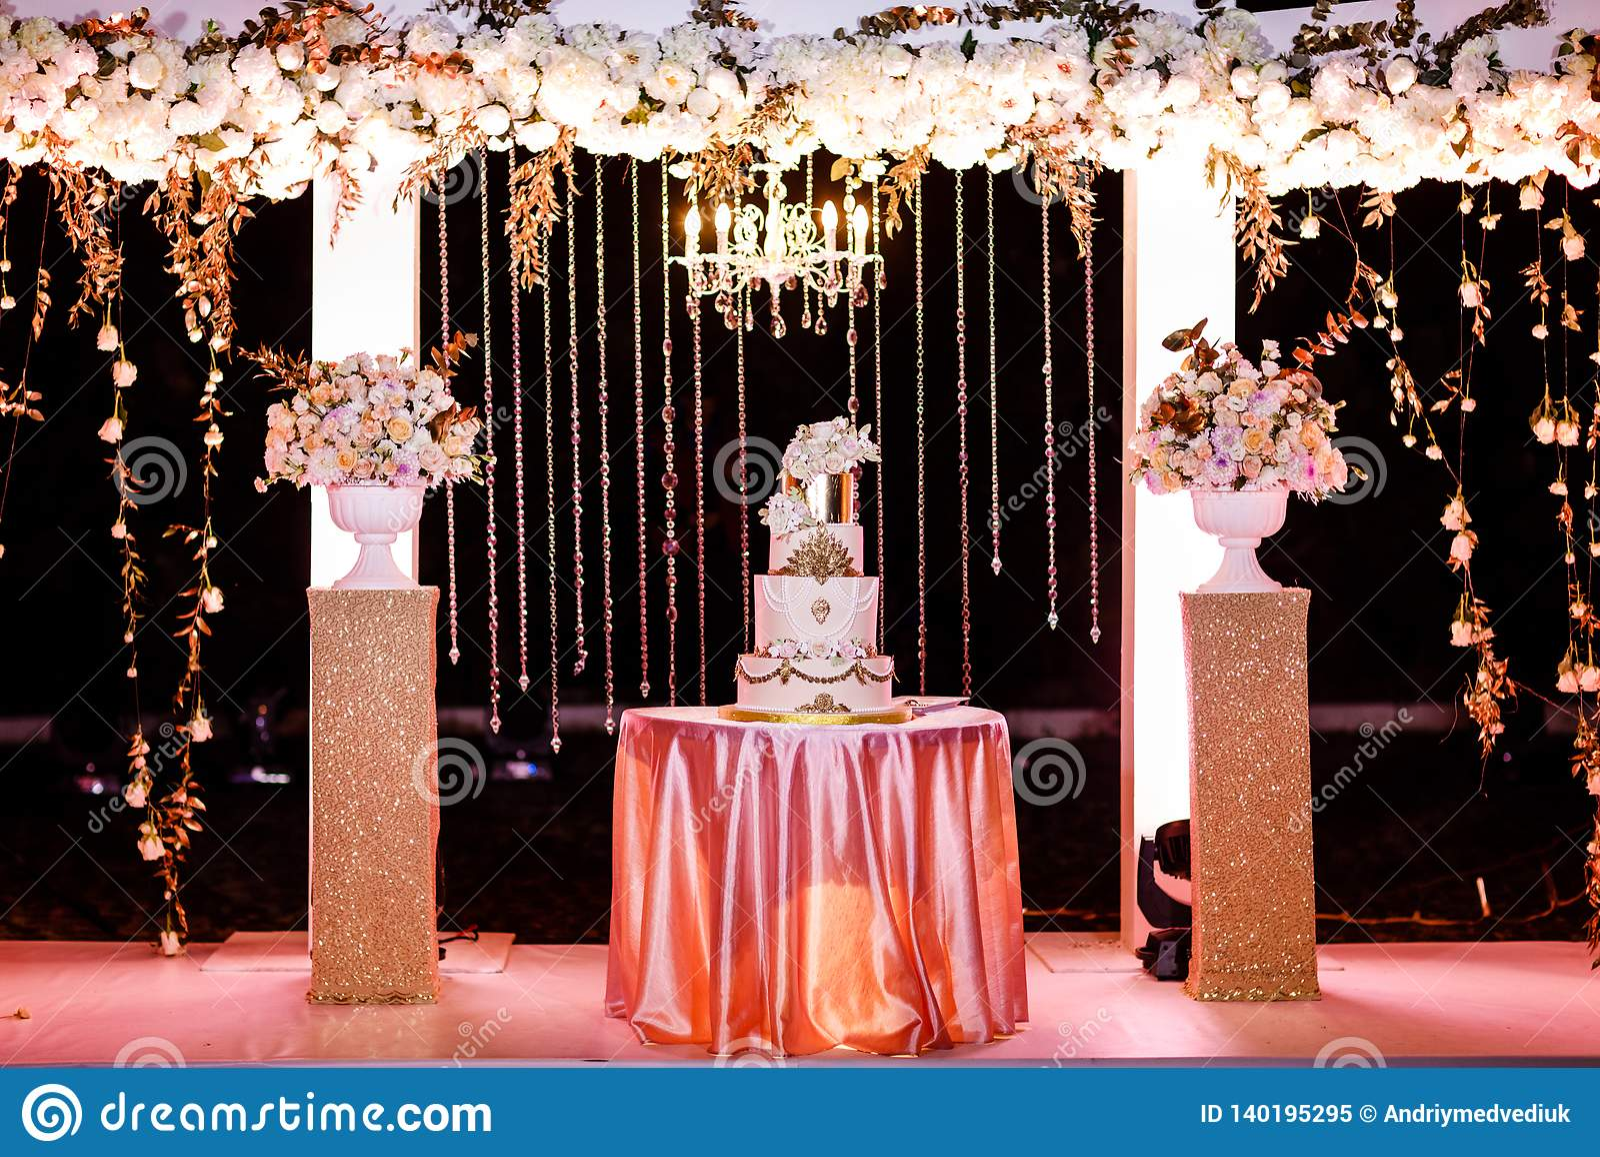 Tabelle mit einer Hochzeitstorte, Kerzen, Licht und Blumen Detail einer Eleganzfarbbandblume